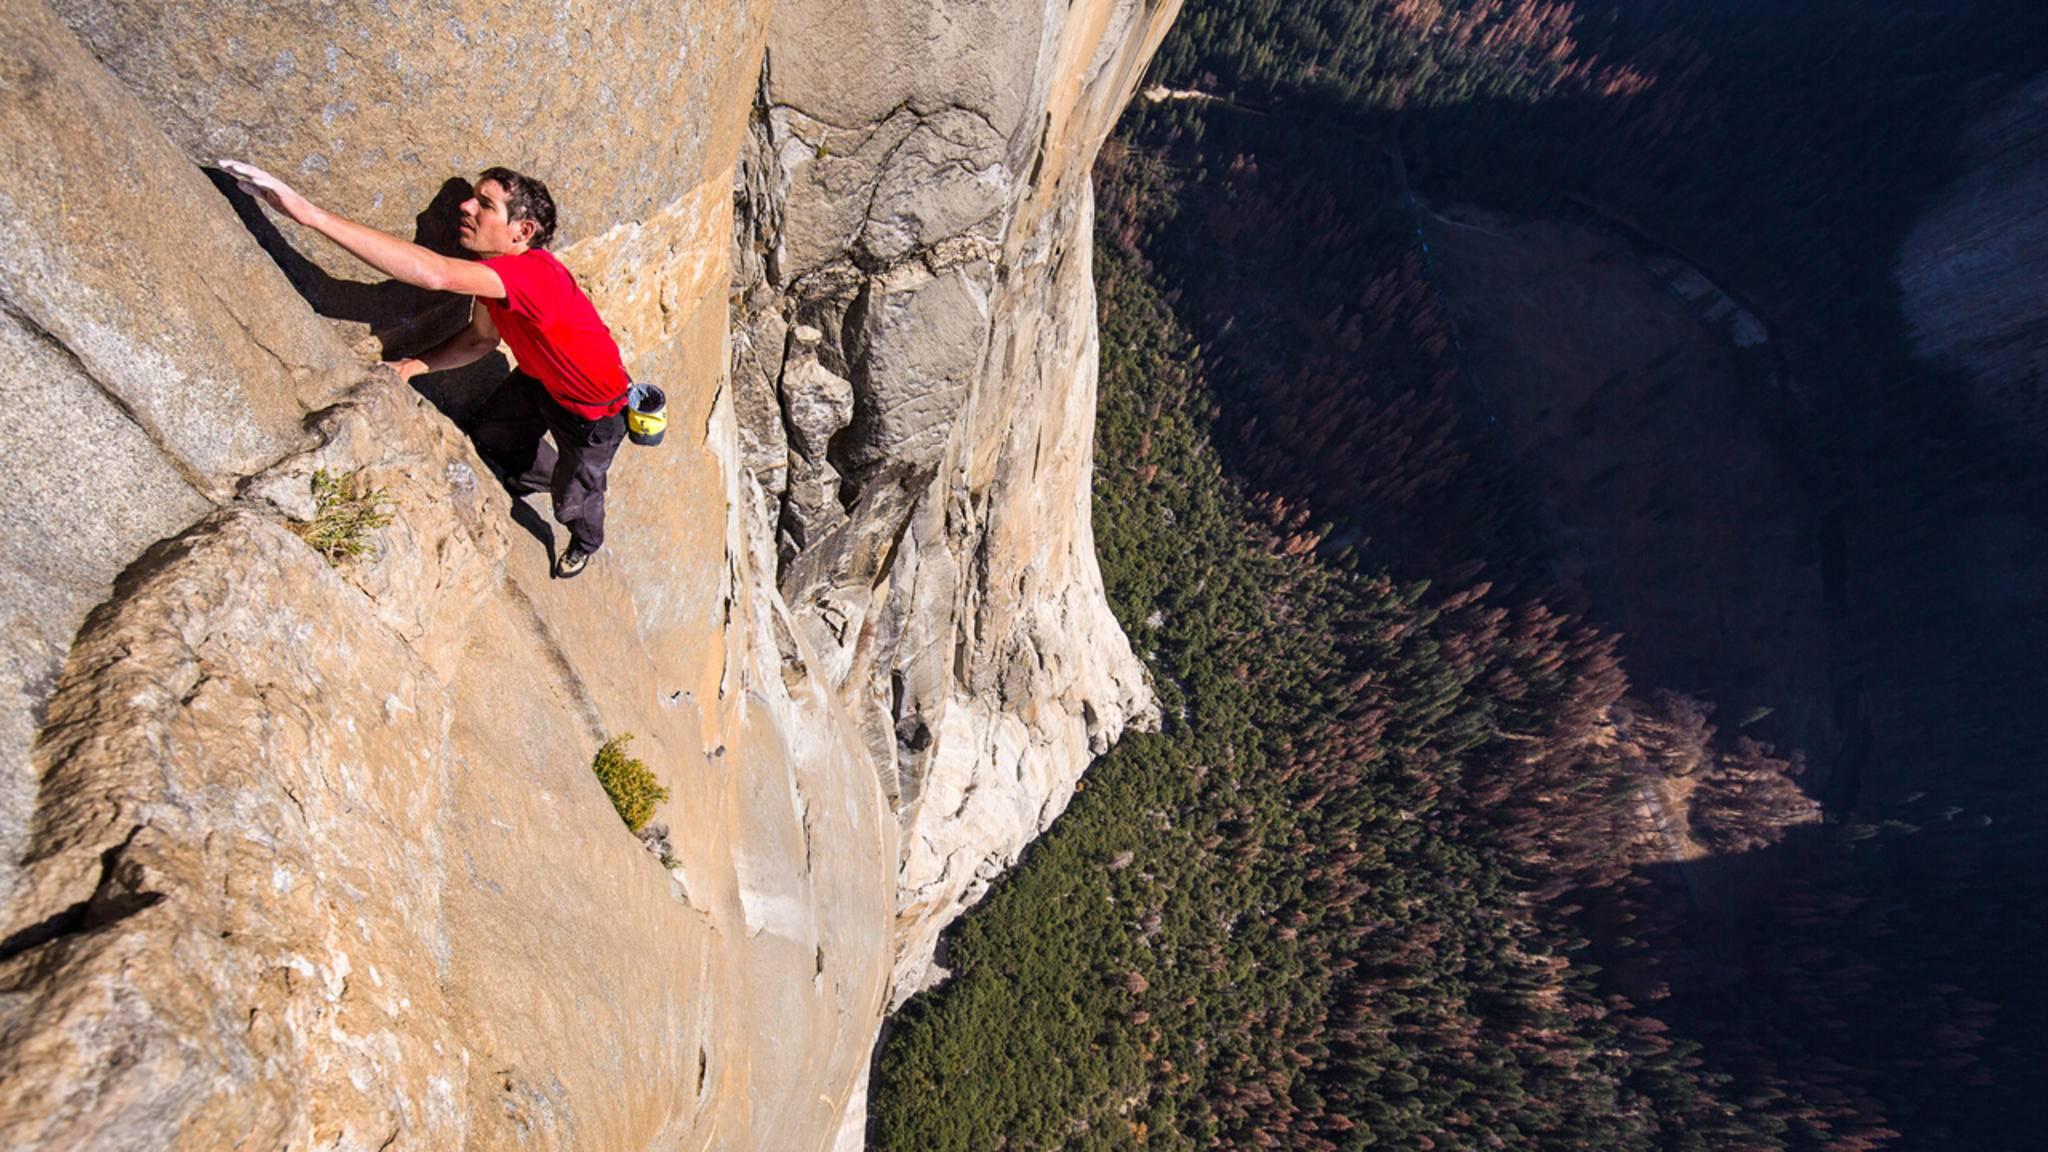 Alex Honnold hat El Capitan free solo bezwungen – und National Geographic hat einen Film drüber gemacht.